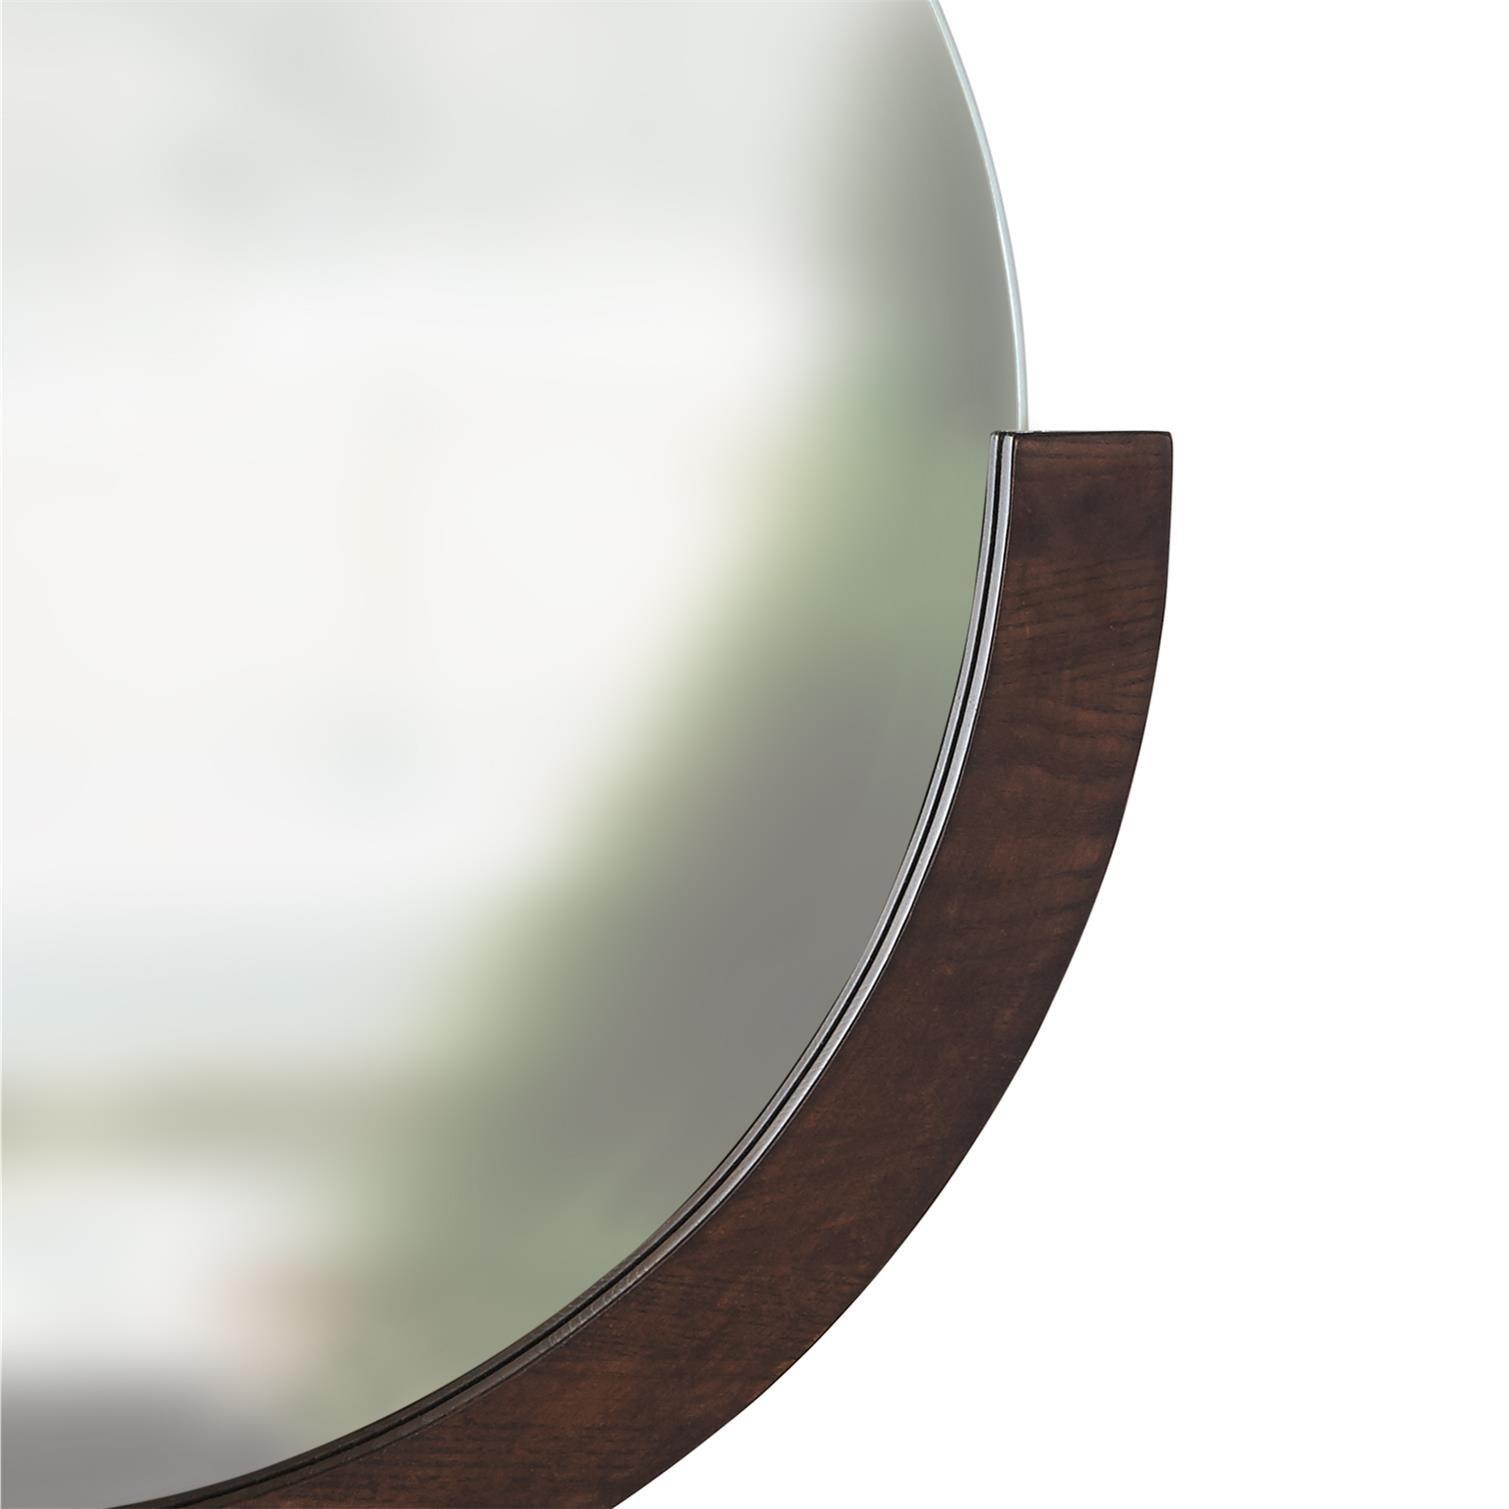 Zrcadlo MIRA s dřevěným rámem_2